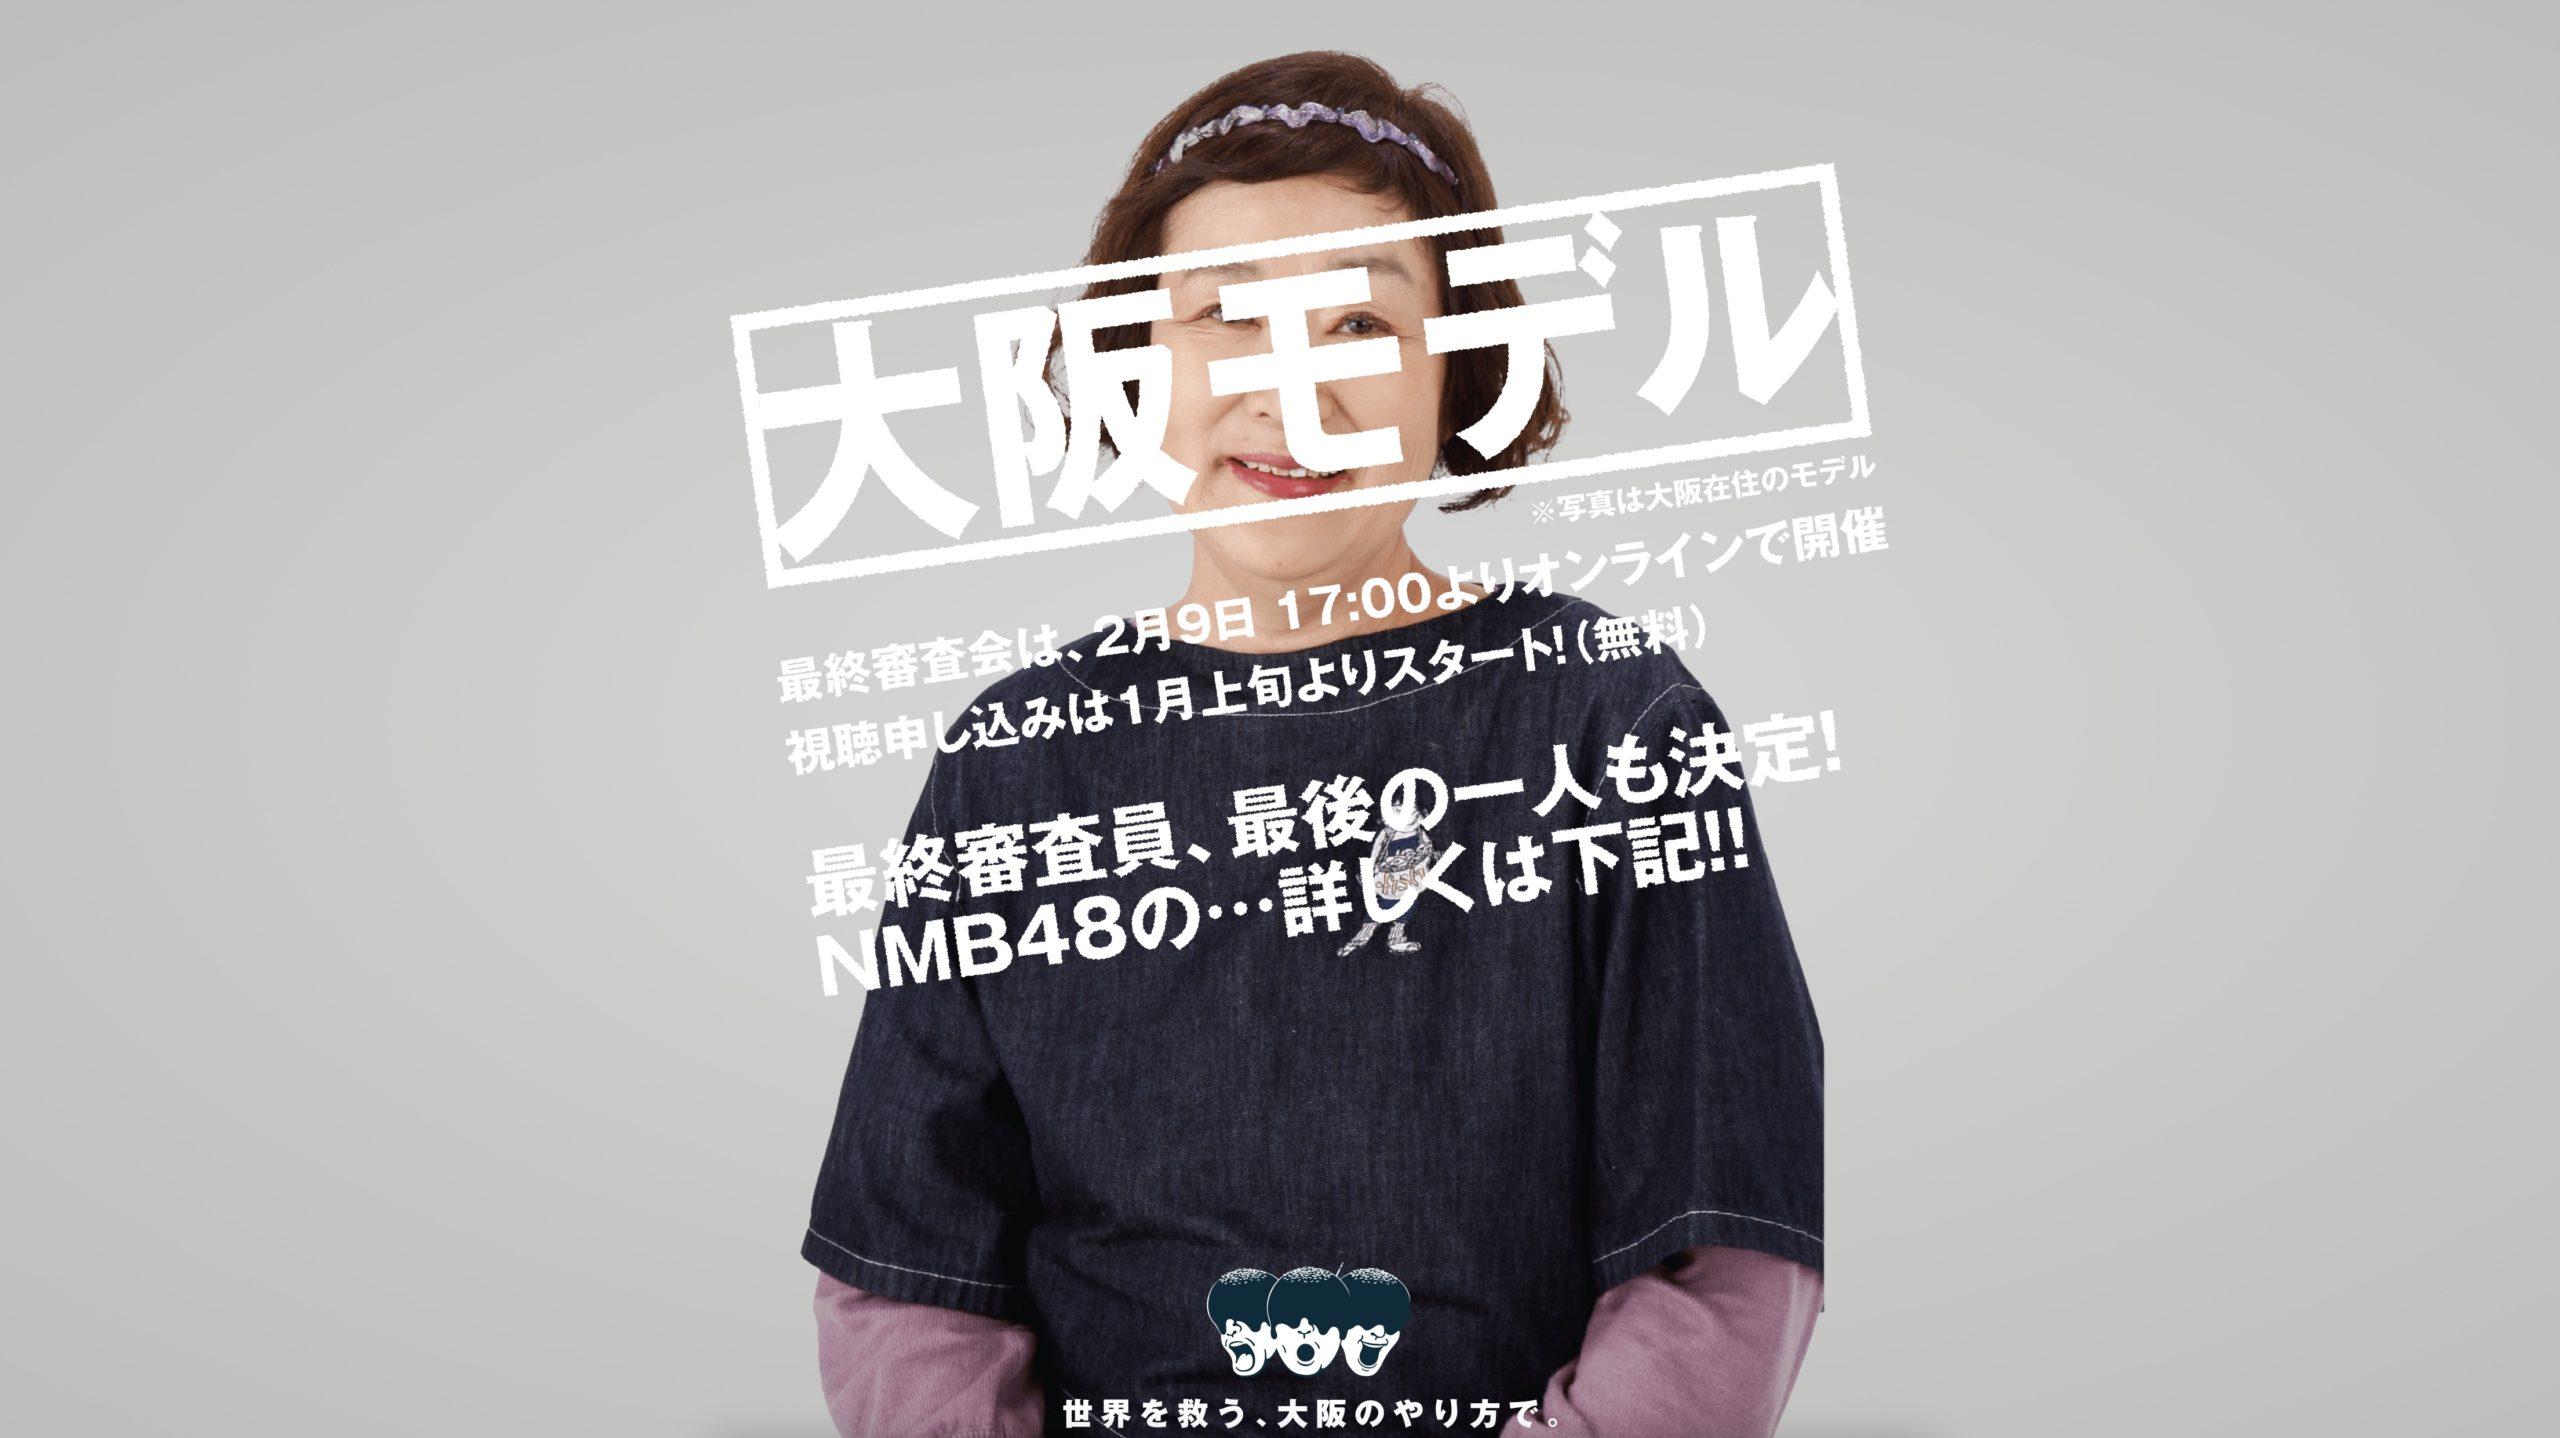 【白間美瑠】第3回『HaHaHa Osaka Creativity Awards』の最終審査員にみるるん